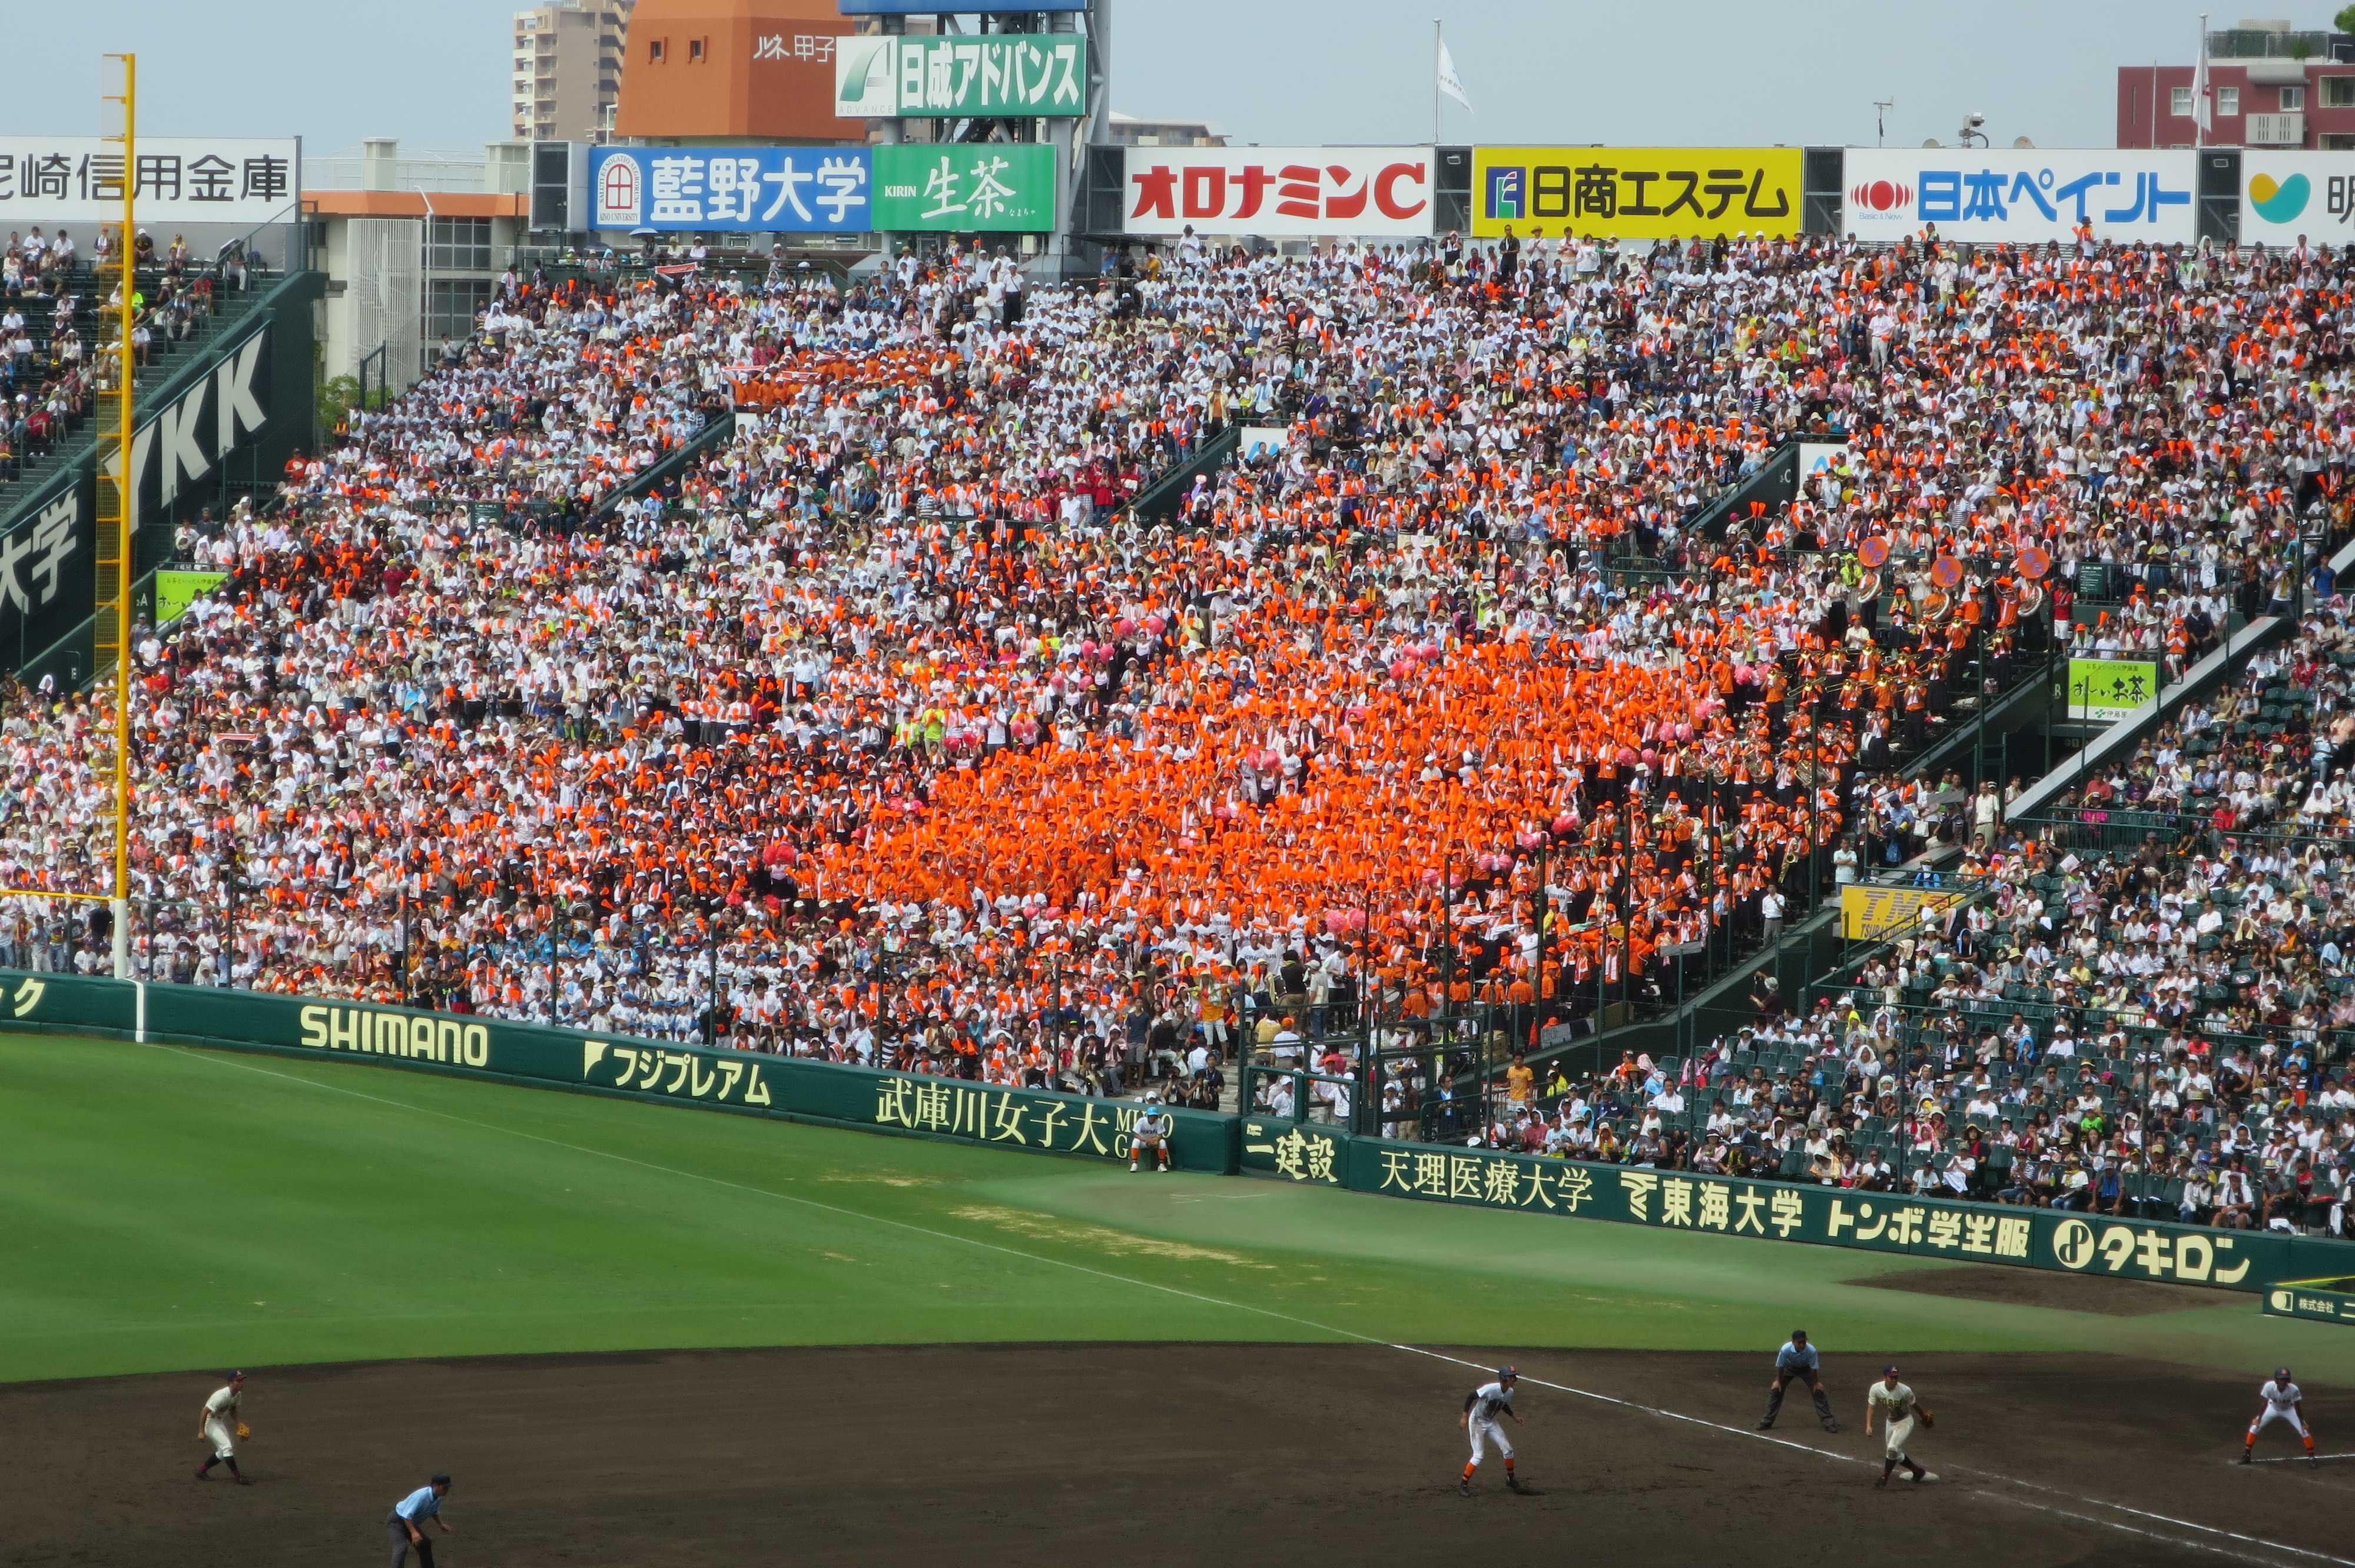 1塁側アルプススタンドをオレンジ一色に染め上げた市尼崎の大応援団